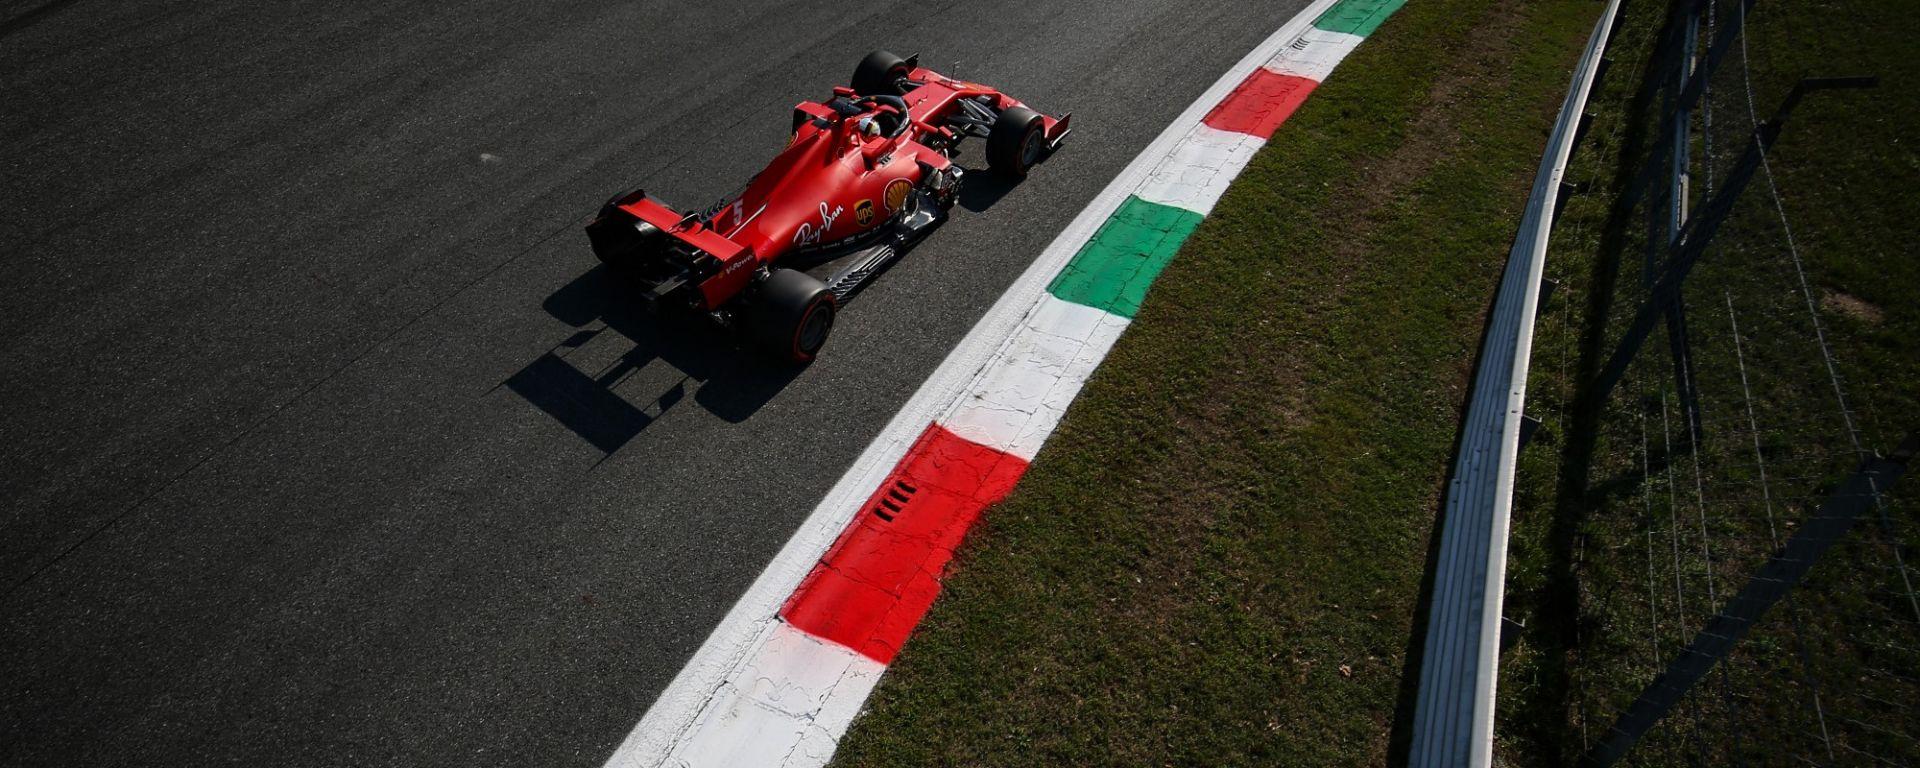 GP Italia 2020, Monza - Sebastian Vettel (Ferrari)